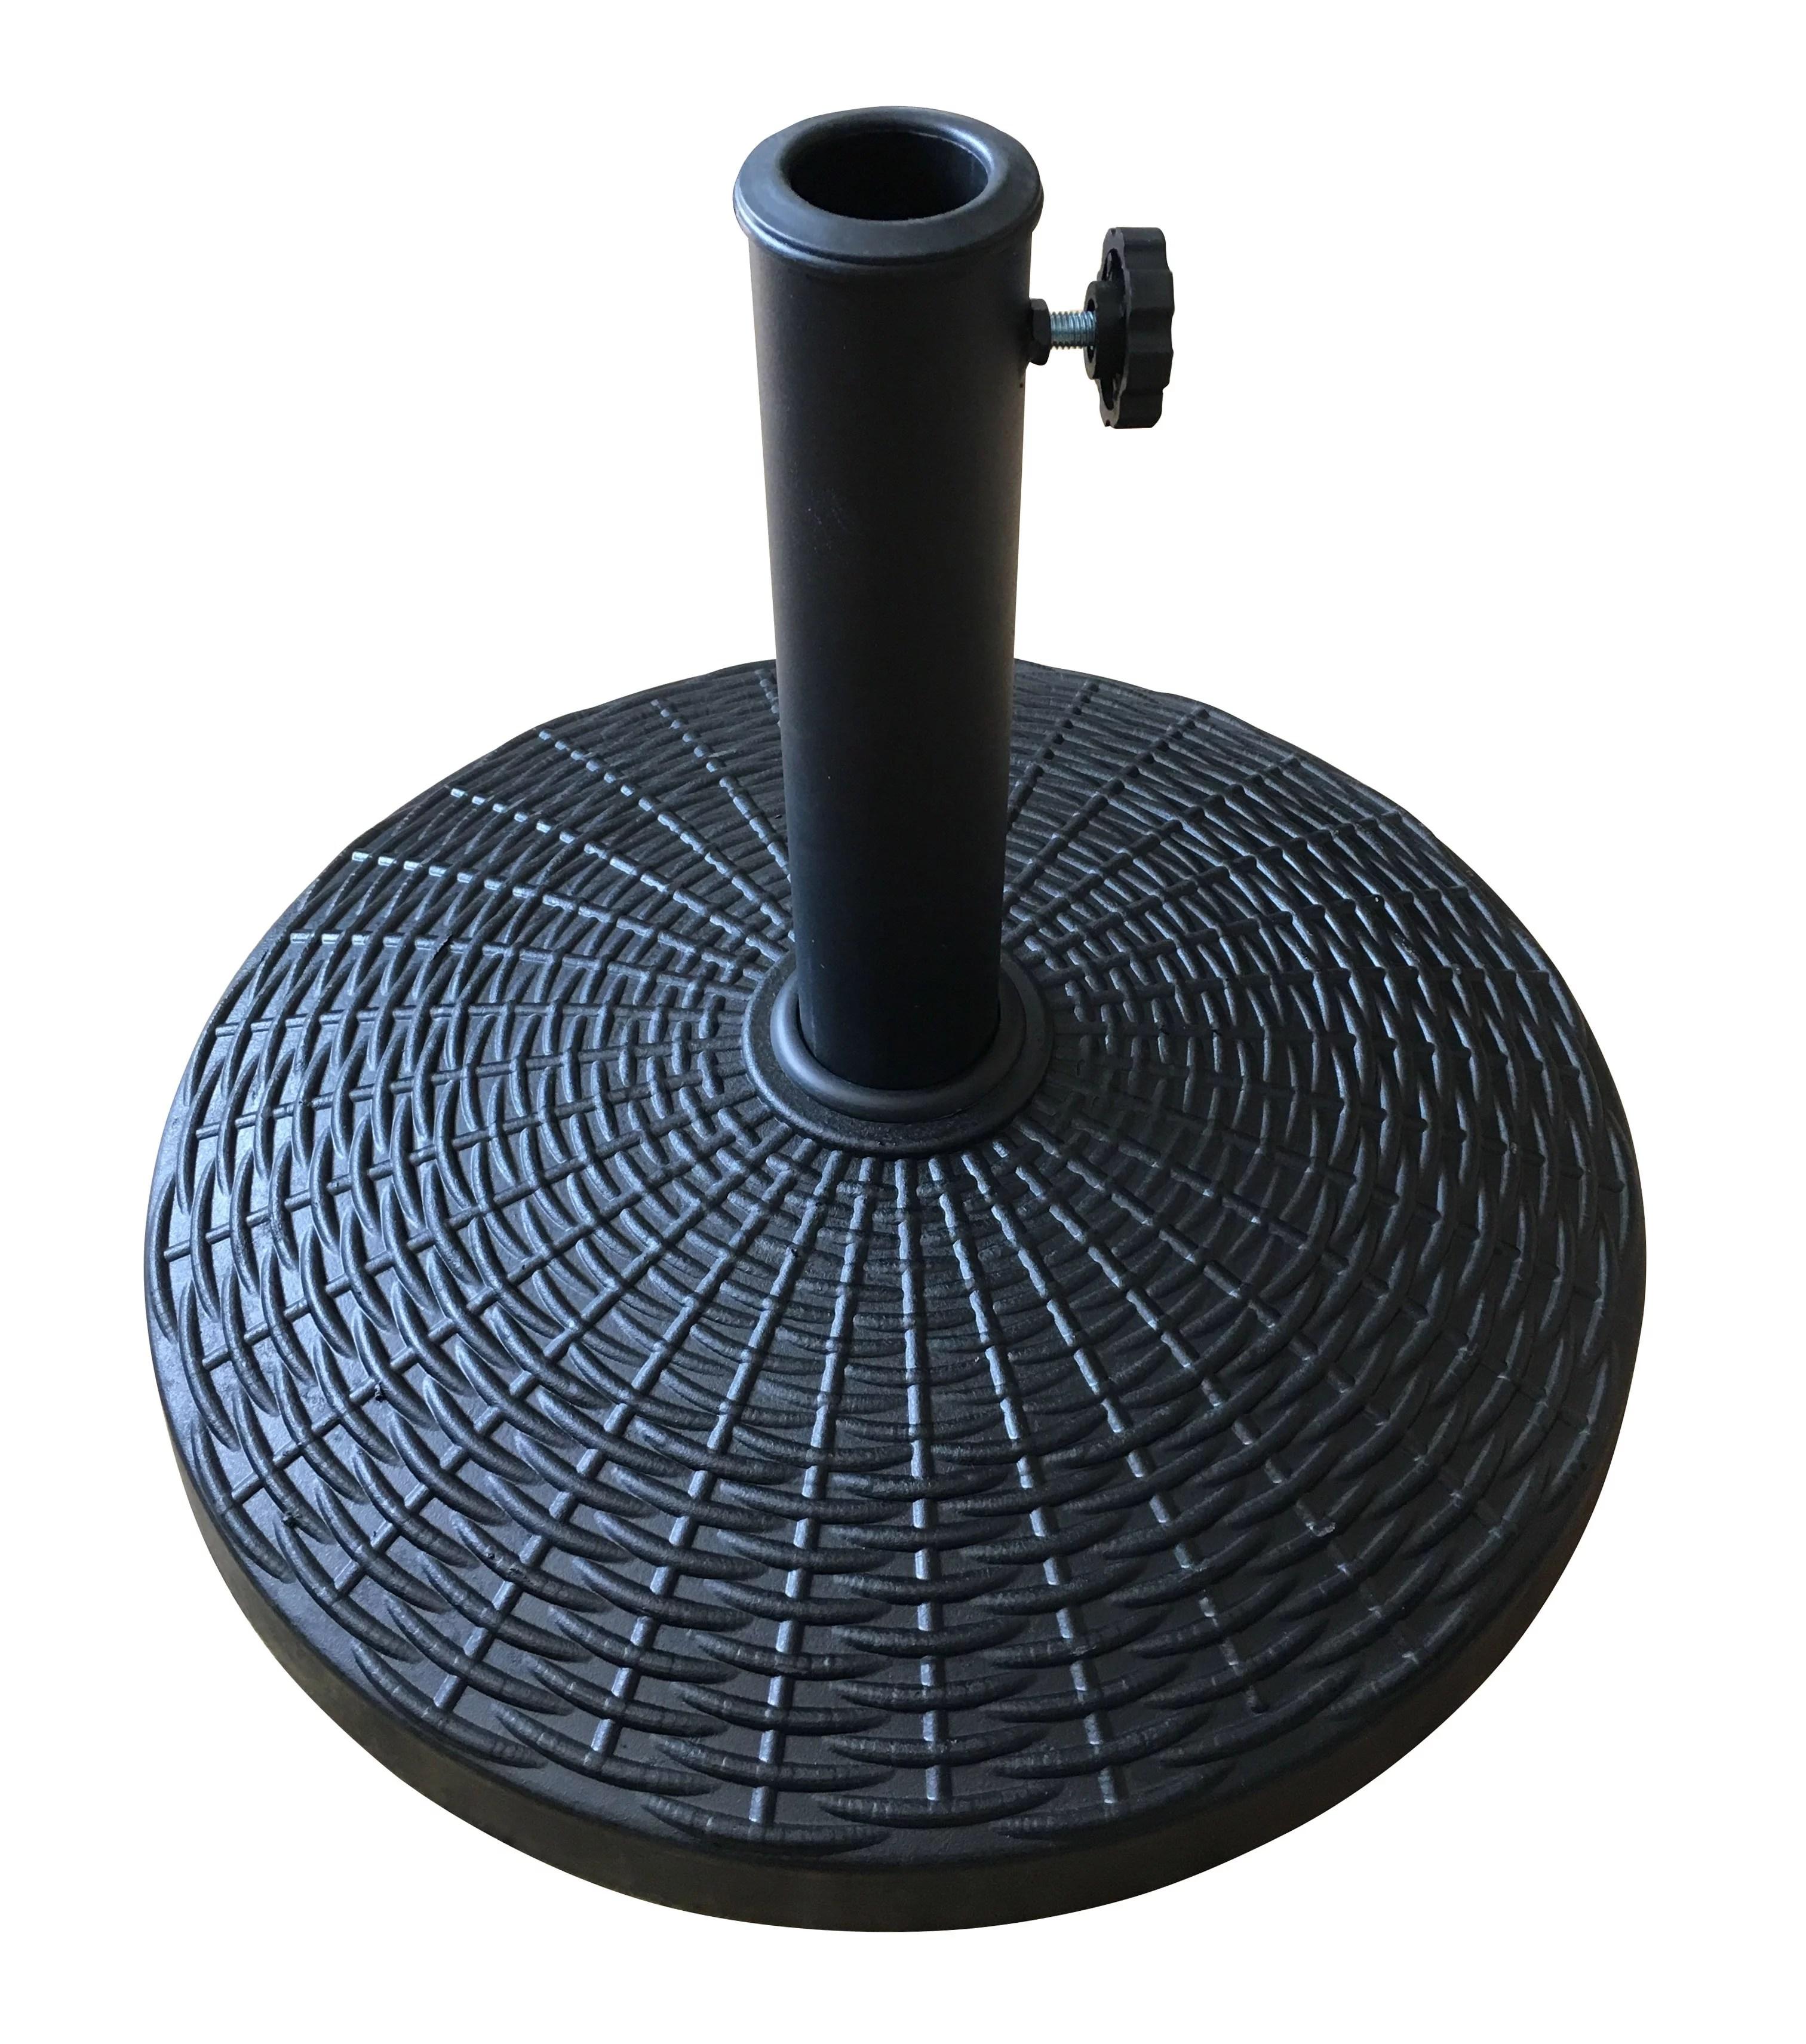 mainstays powder coated umbrella base black